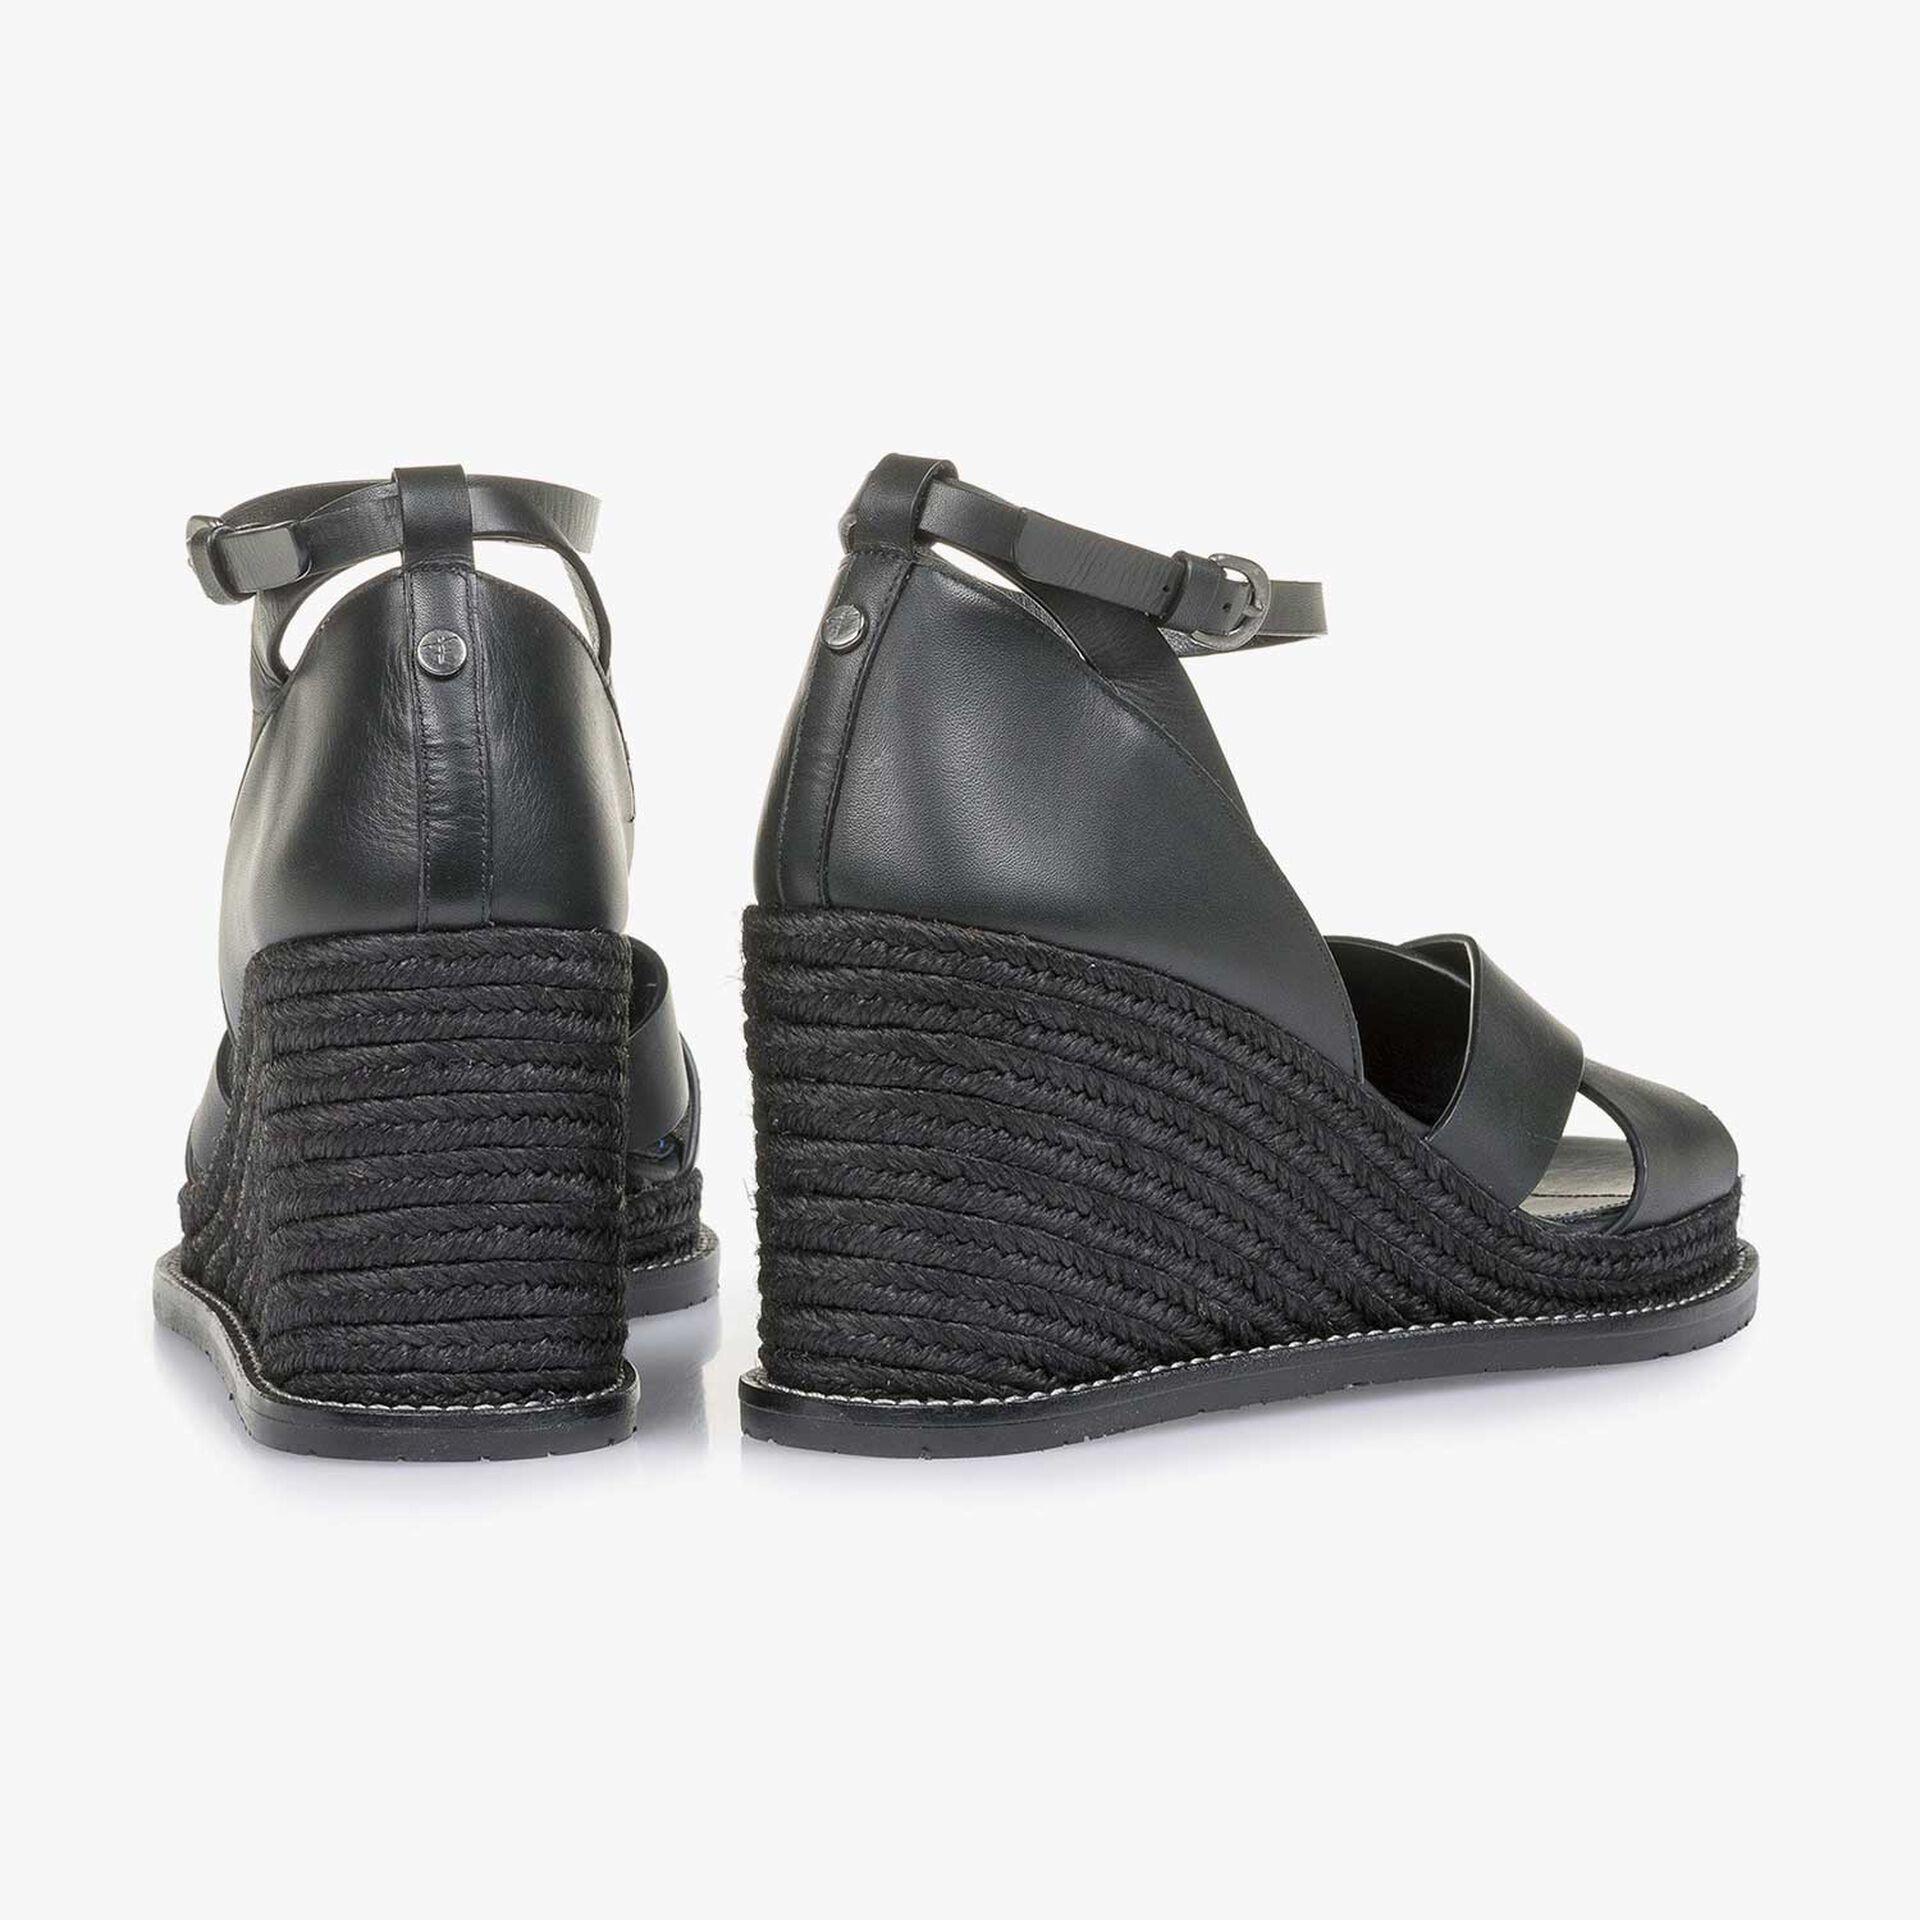 Black wedge-heel sandal